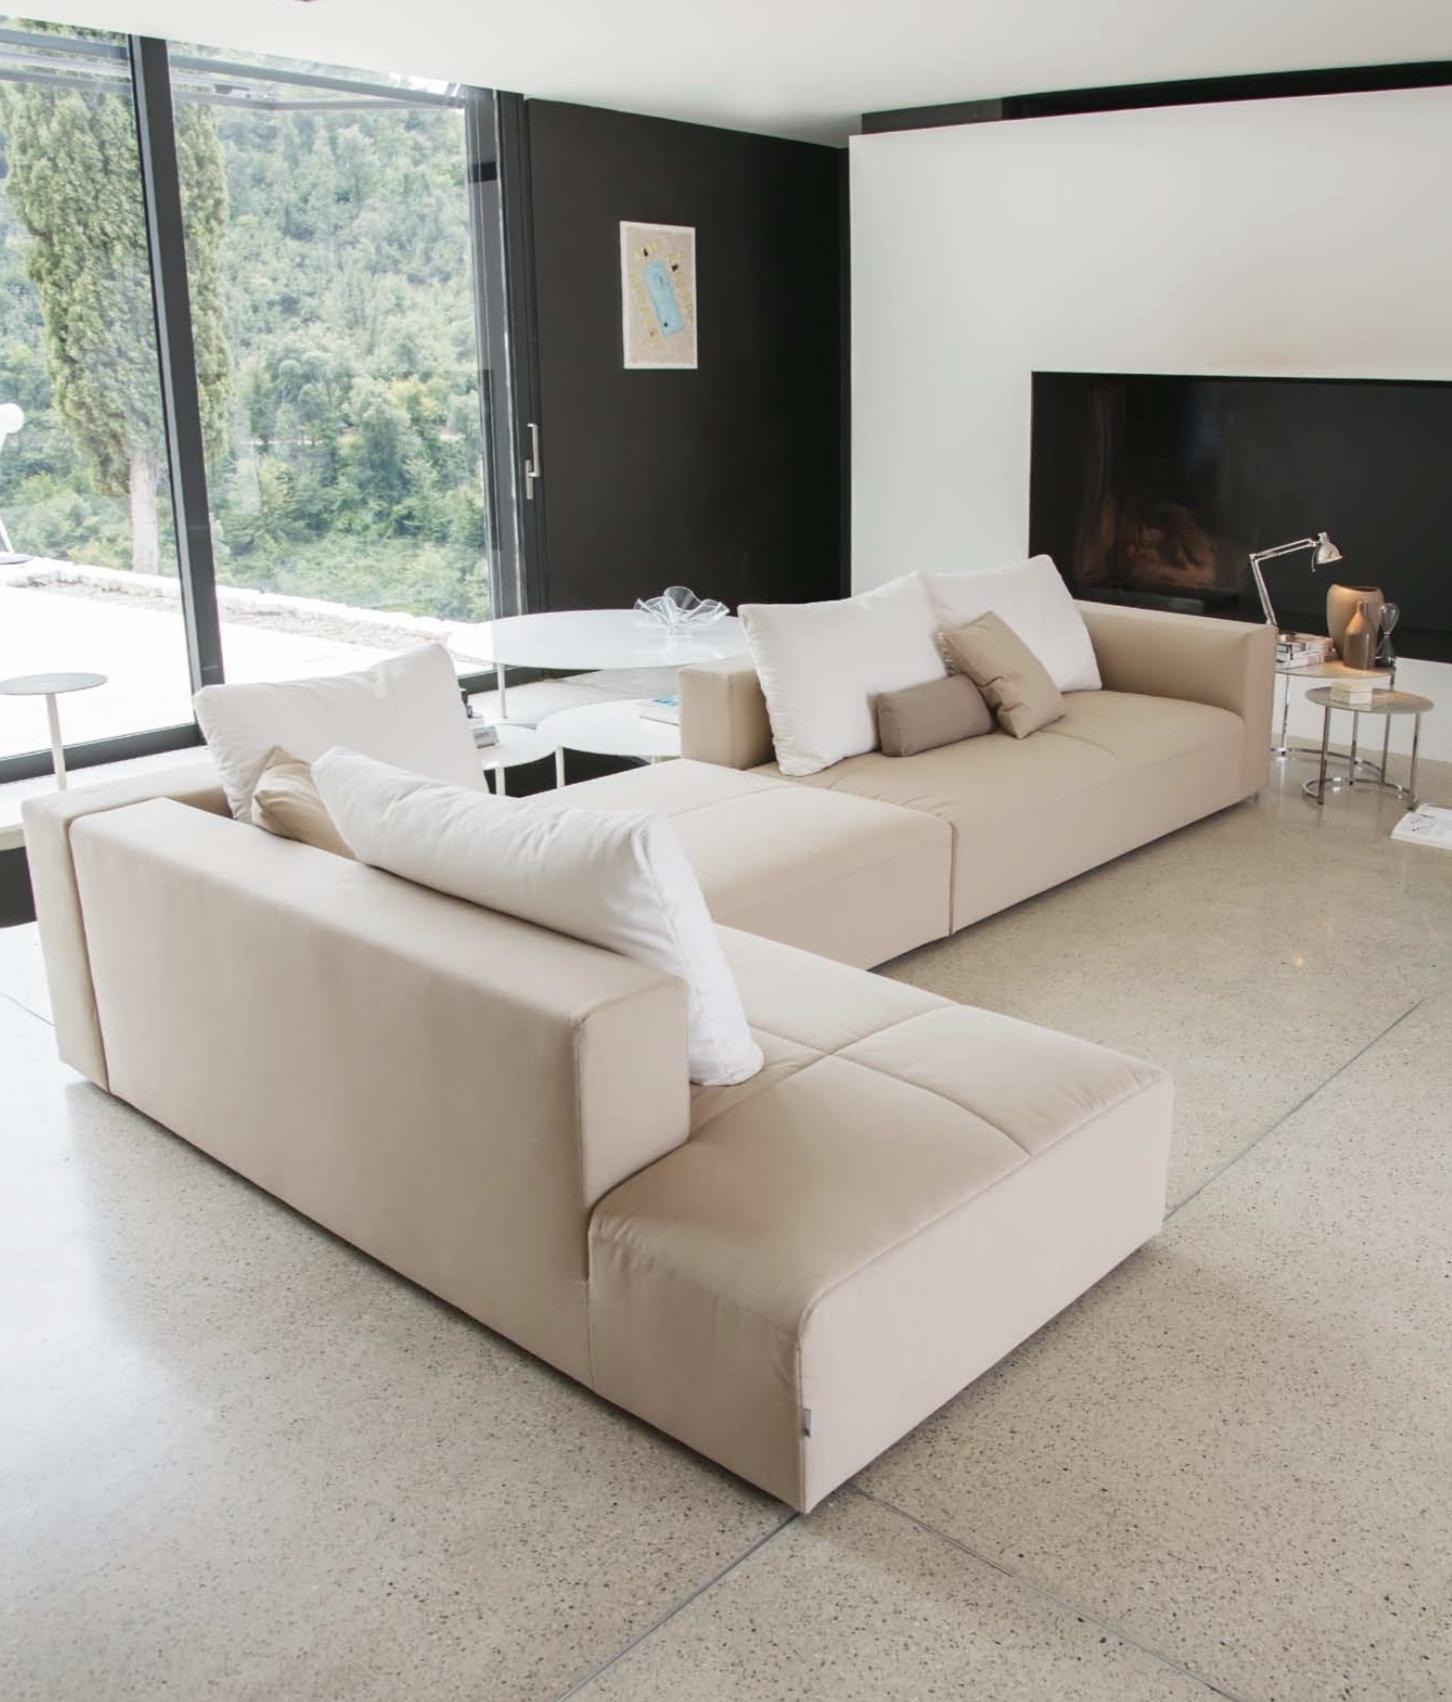 Momentoitalia Italian Modern Sofas (View 15 of 20)